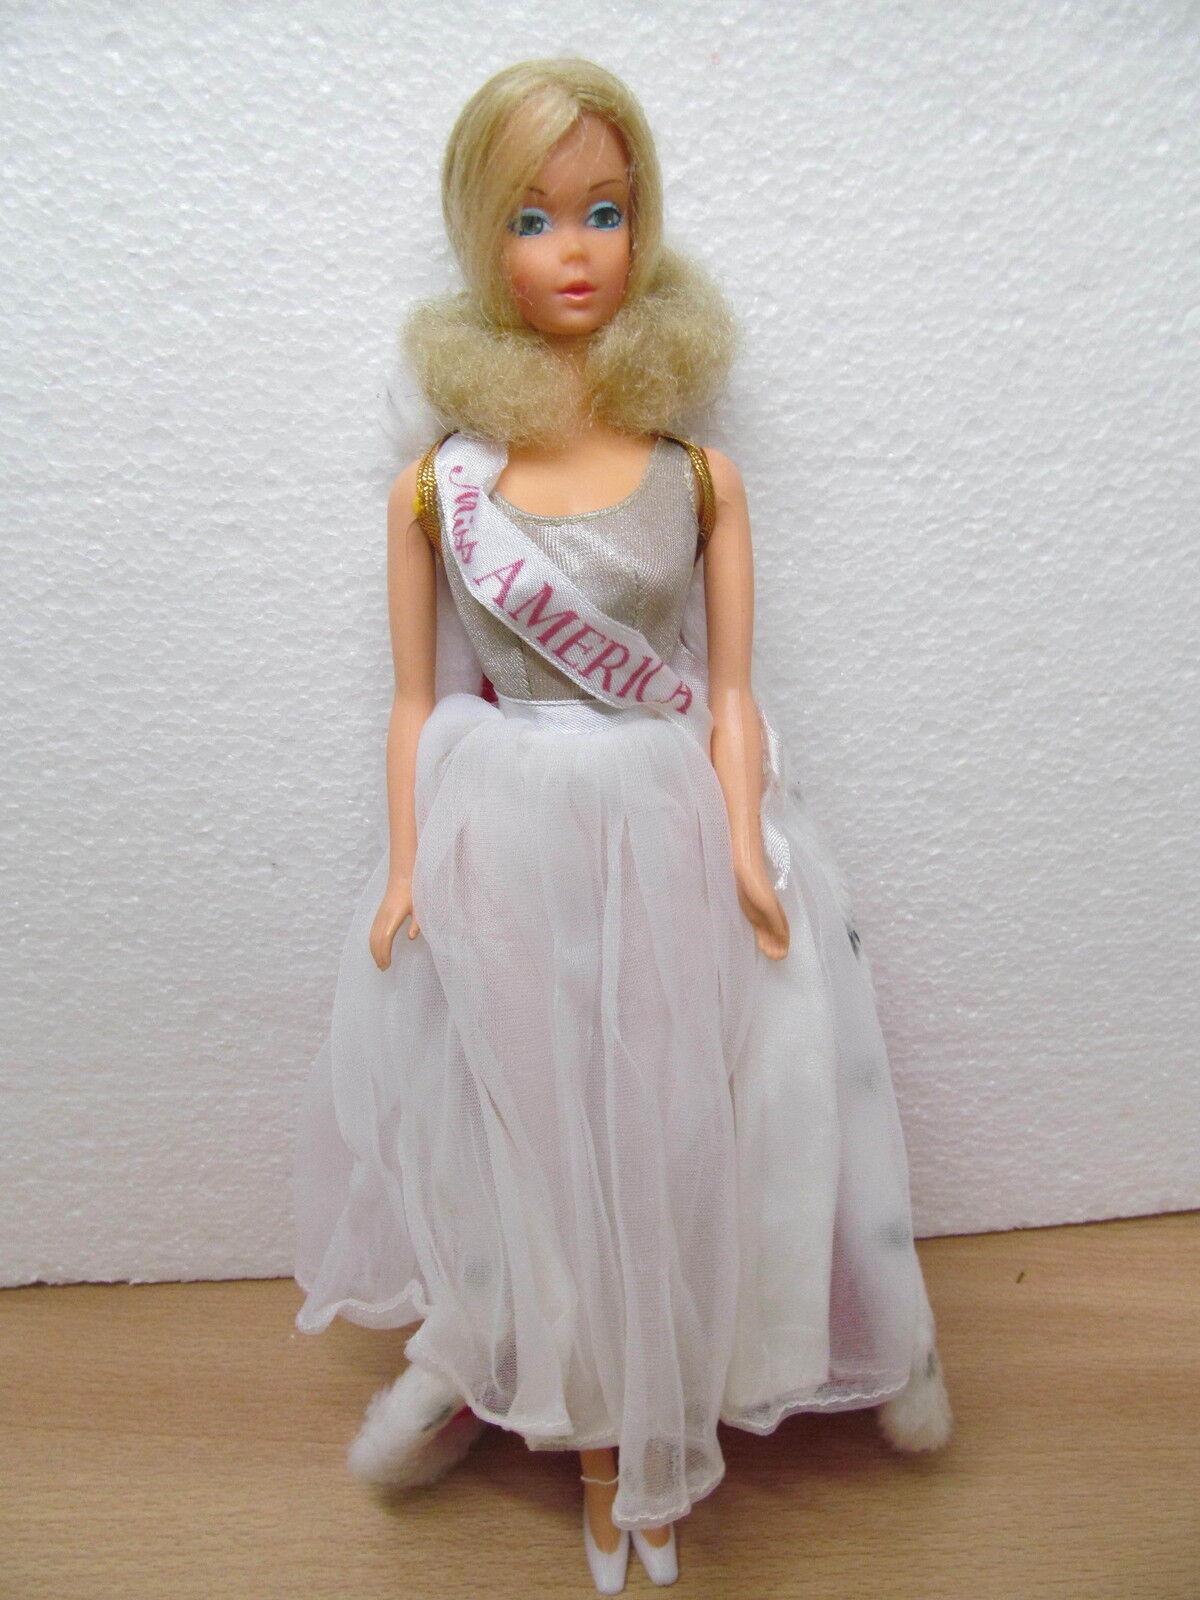 Mes-26914 BARBIE WALK LIVELY MISS AMERICA 70er J., da collezione risoluzione,